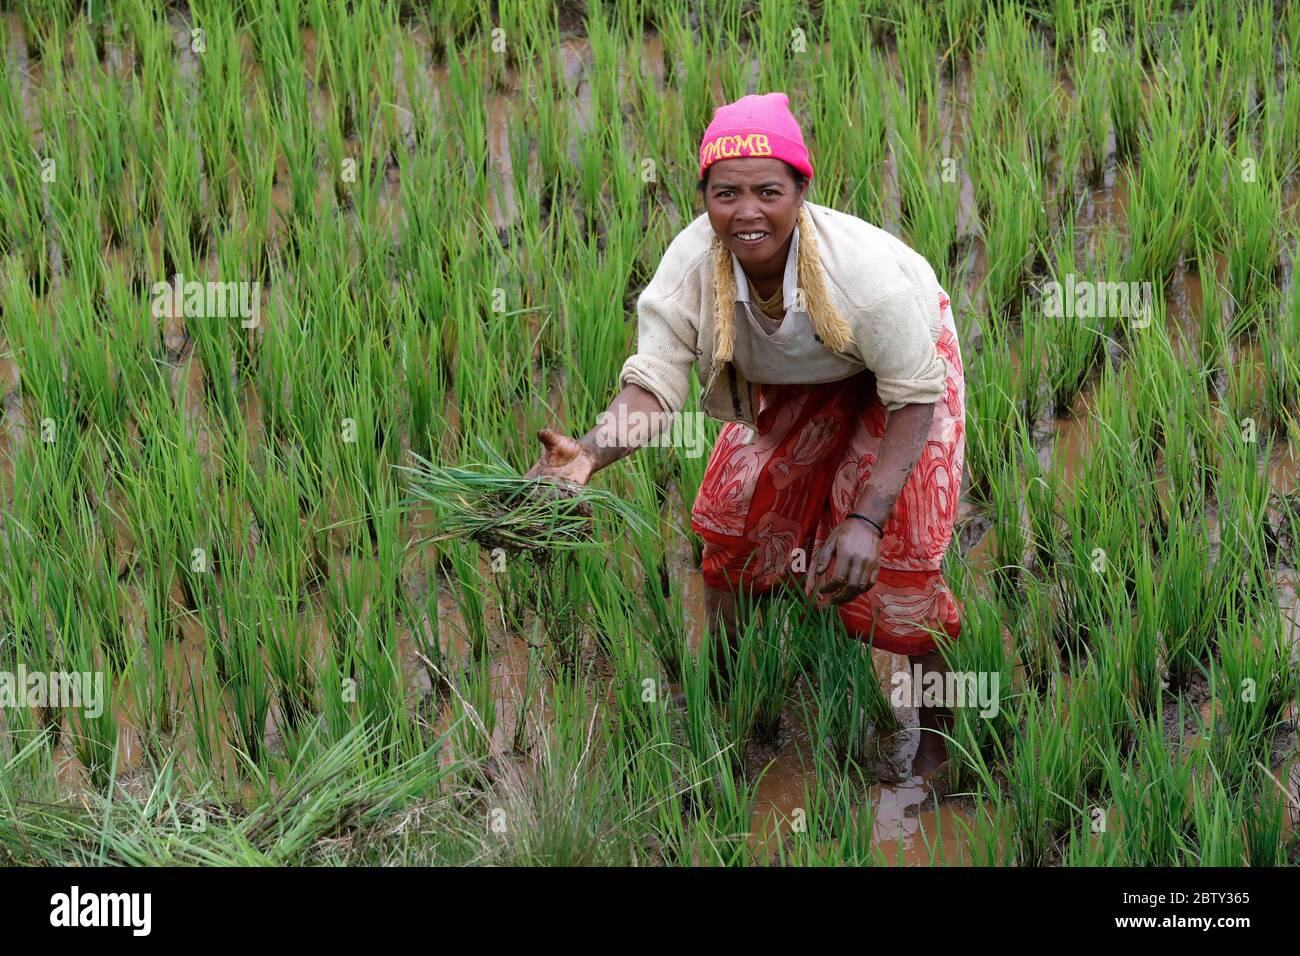 Agriculteur travaillant dans le rizière, Madagascar, Afrique Banque D'Images